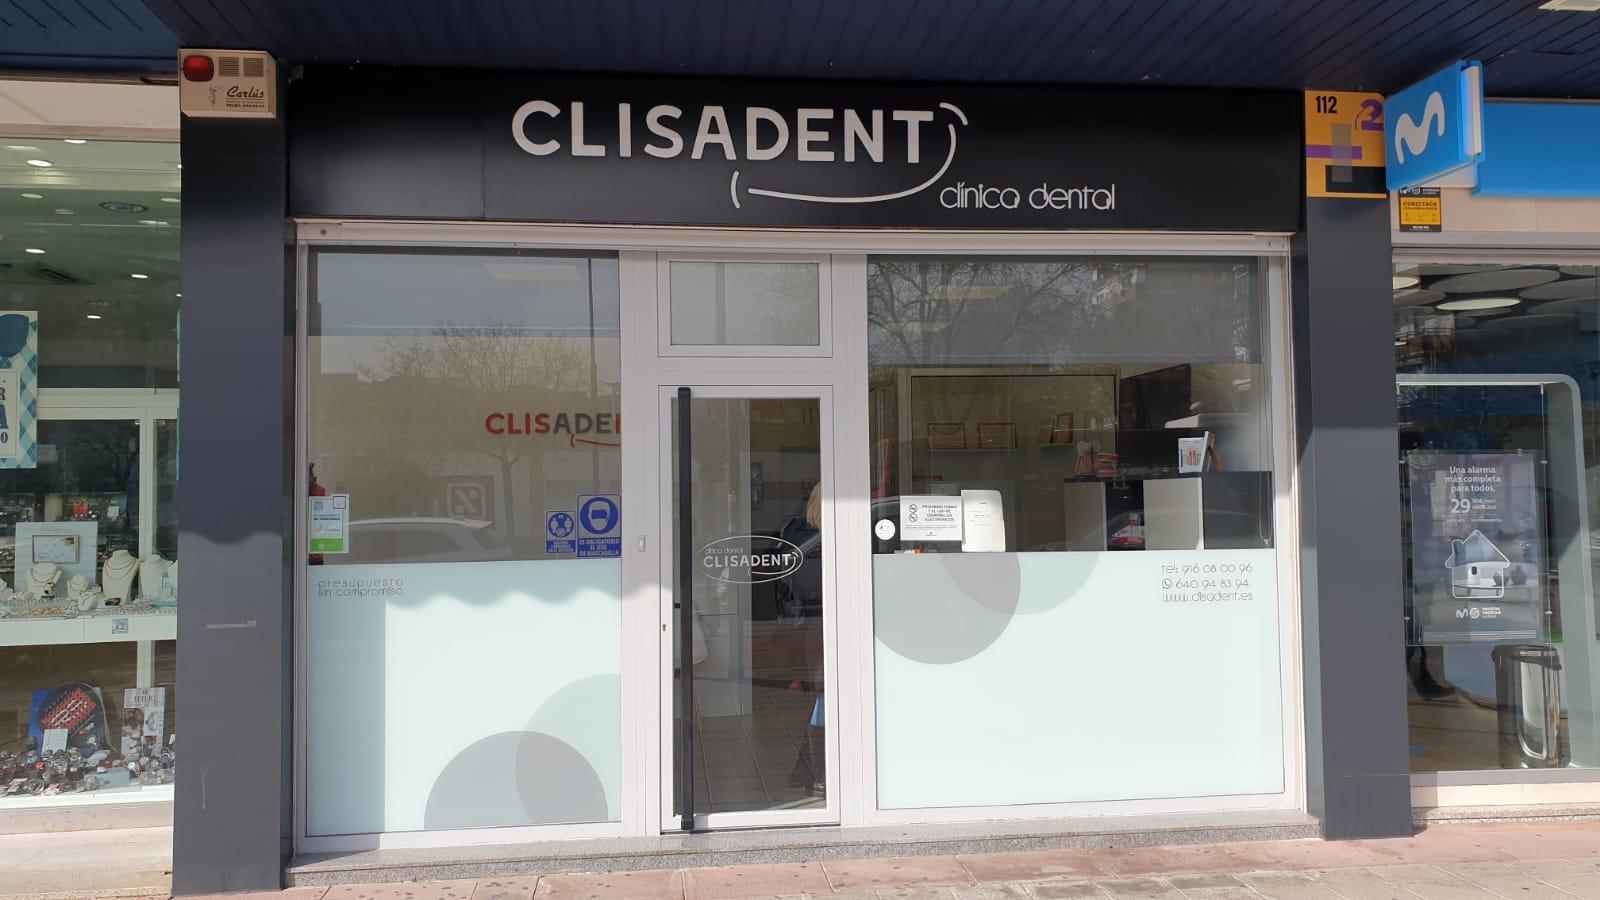 Clisadent